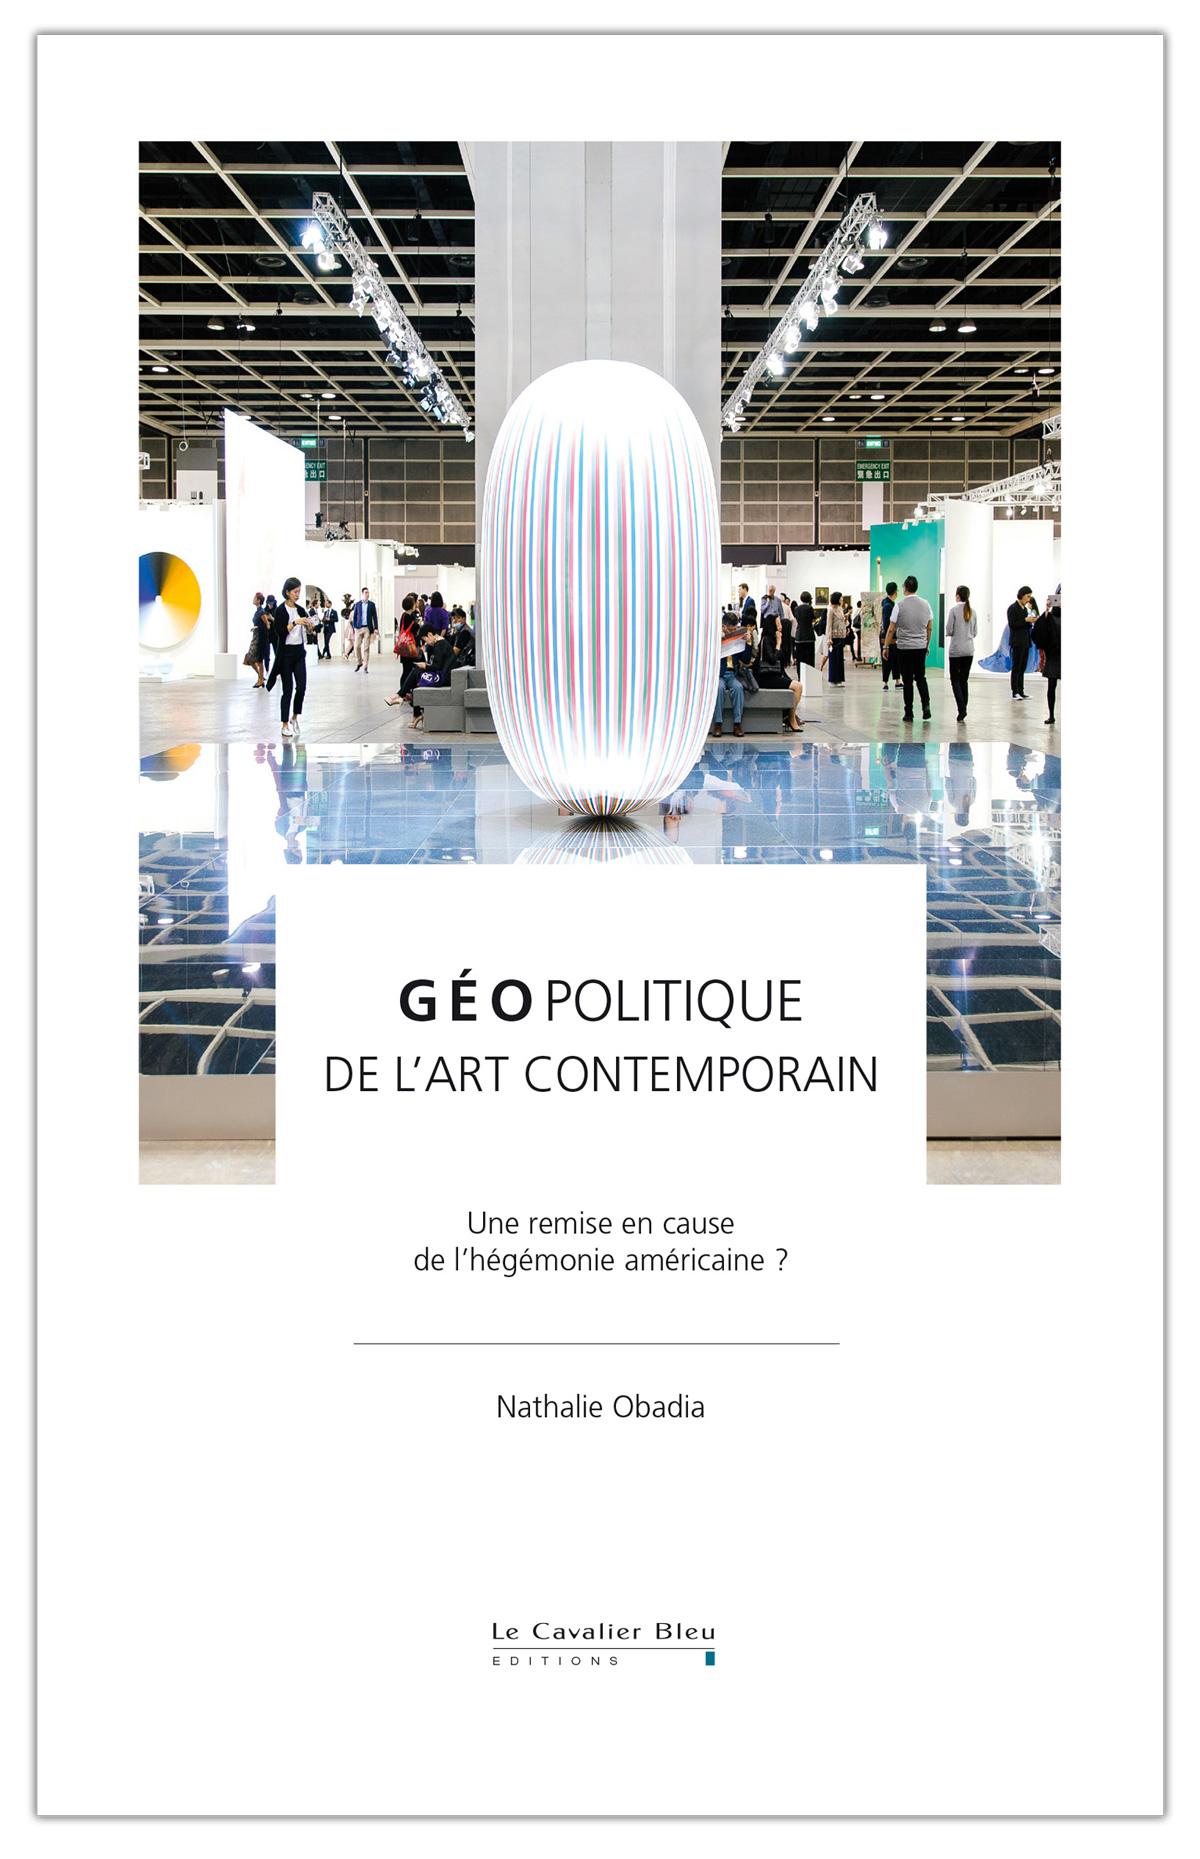 Géopolitique de l'art contemporain - Nathalie Obadia